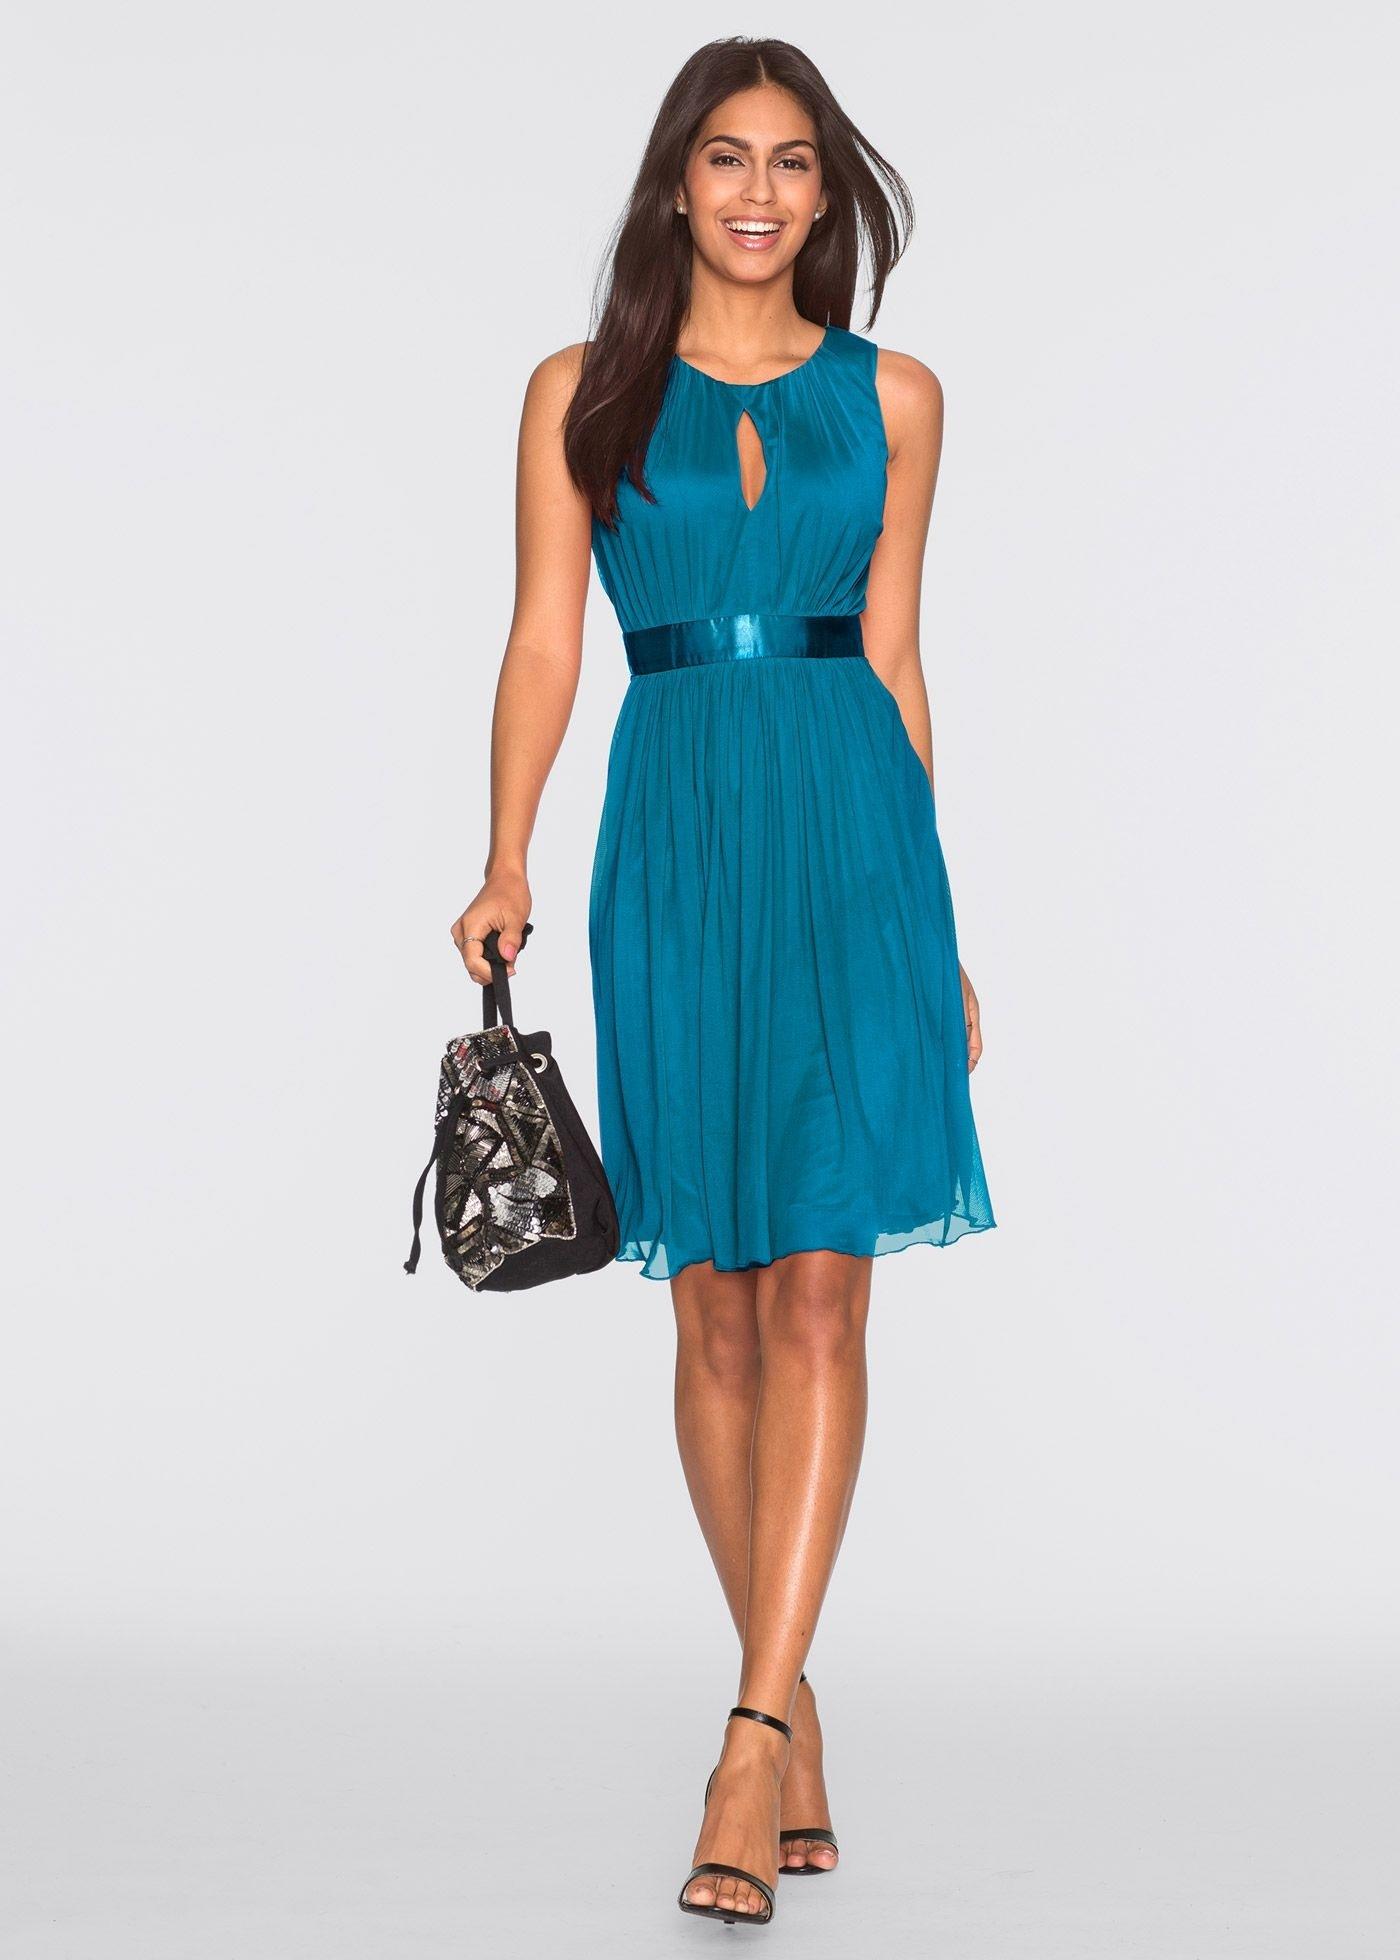 17 Erstaunlich Orsay Abend Kleid Boutique10 Elegant Orsay Abend Kleid für 2019